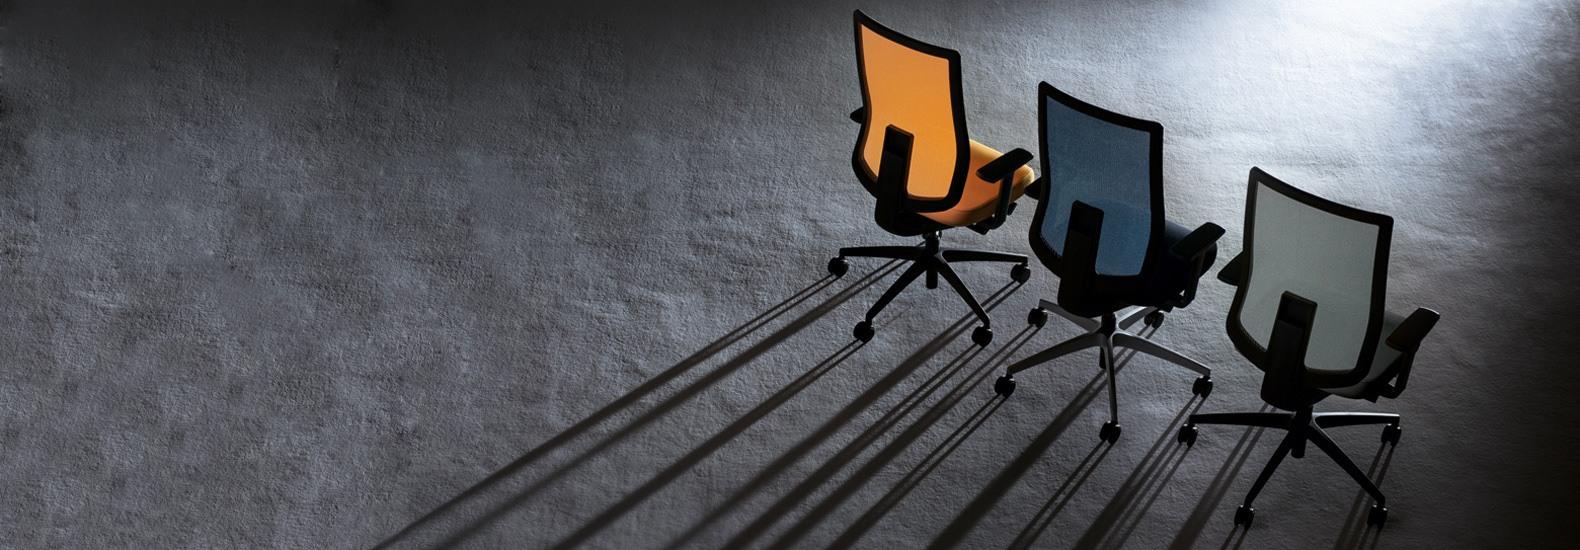 Mit zahlreichen Verstellmöglichkeiten lässt sich se:do schnell an verschiedene Benutzer anpassen - ideal für Wechselarbeitsplätze.